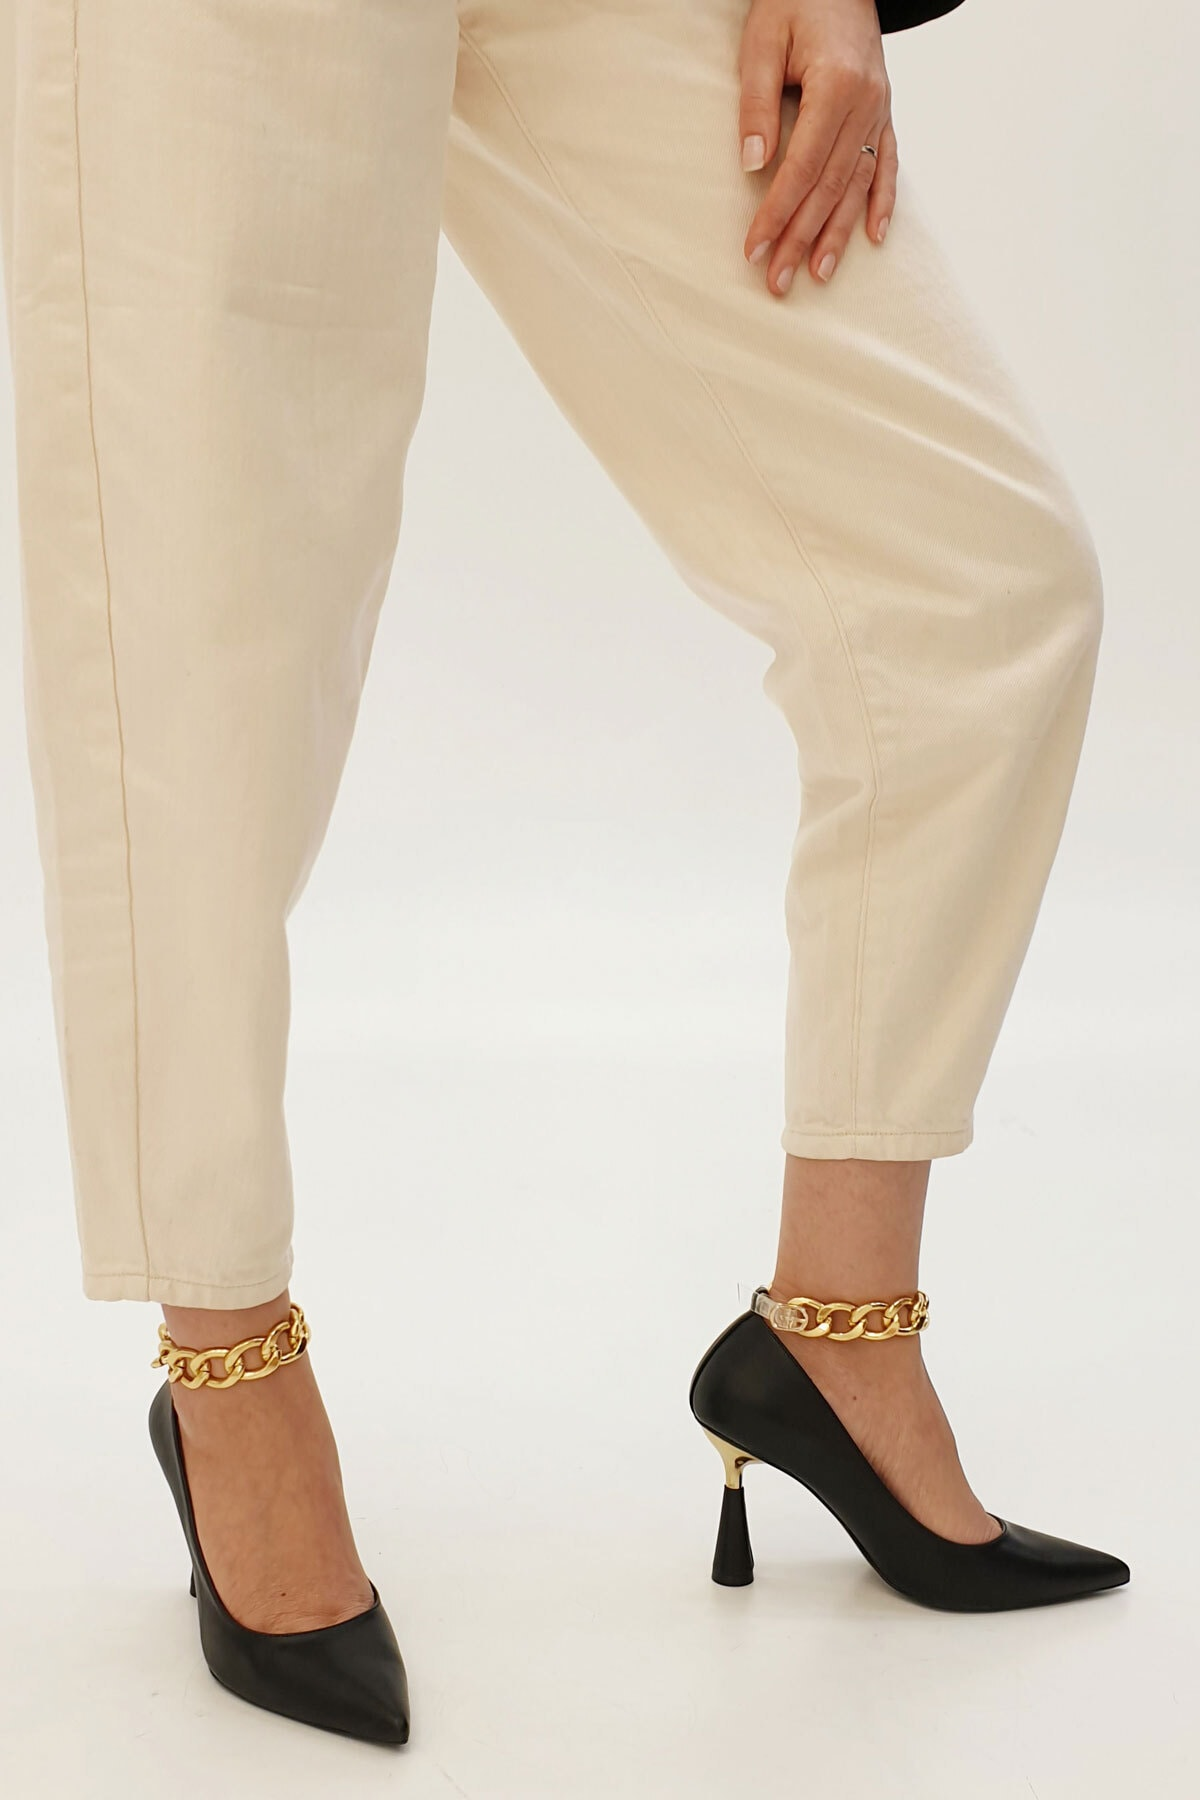 Marjin Kadın Siyah Stiletto Topuklu Ayakkabı Nazita 1